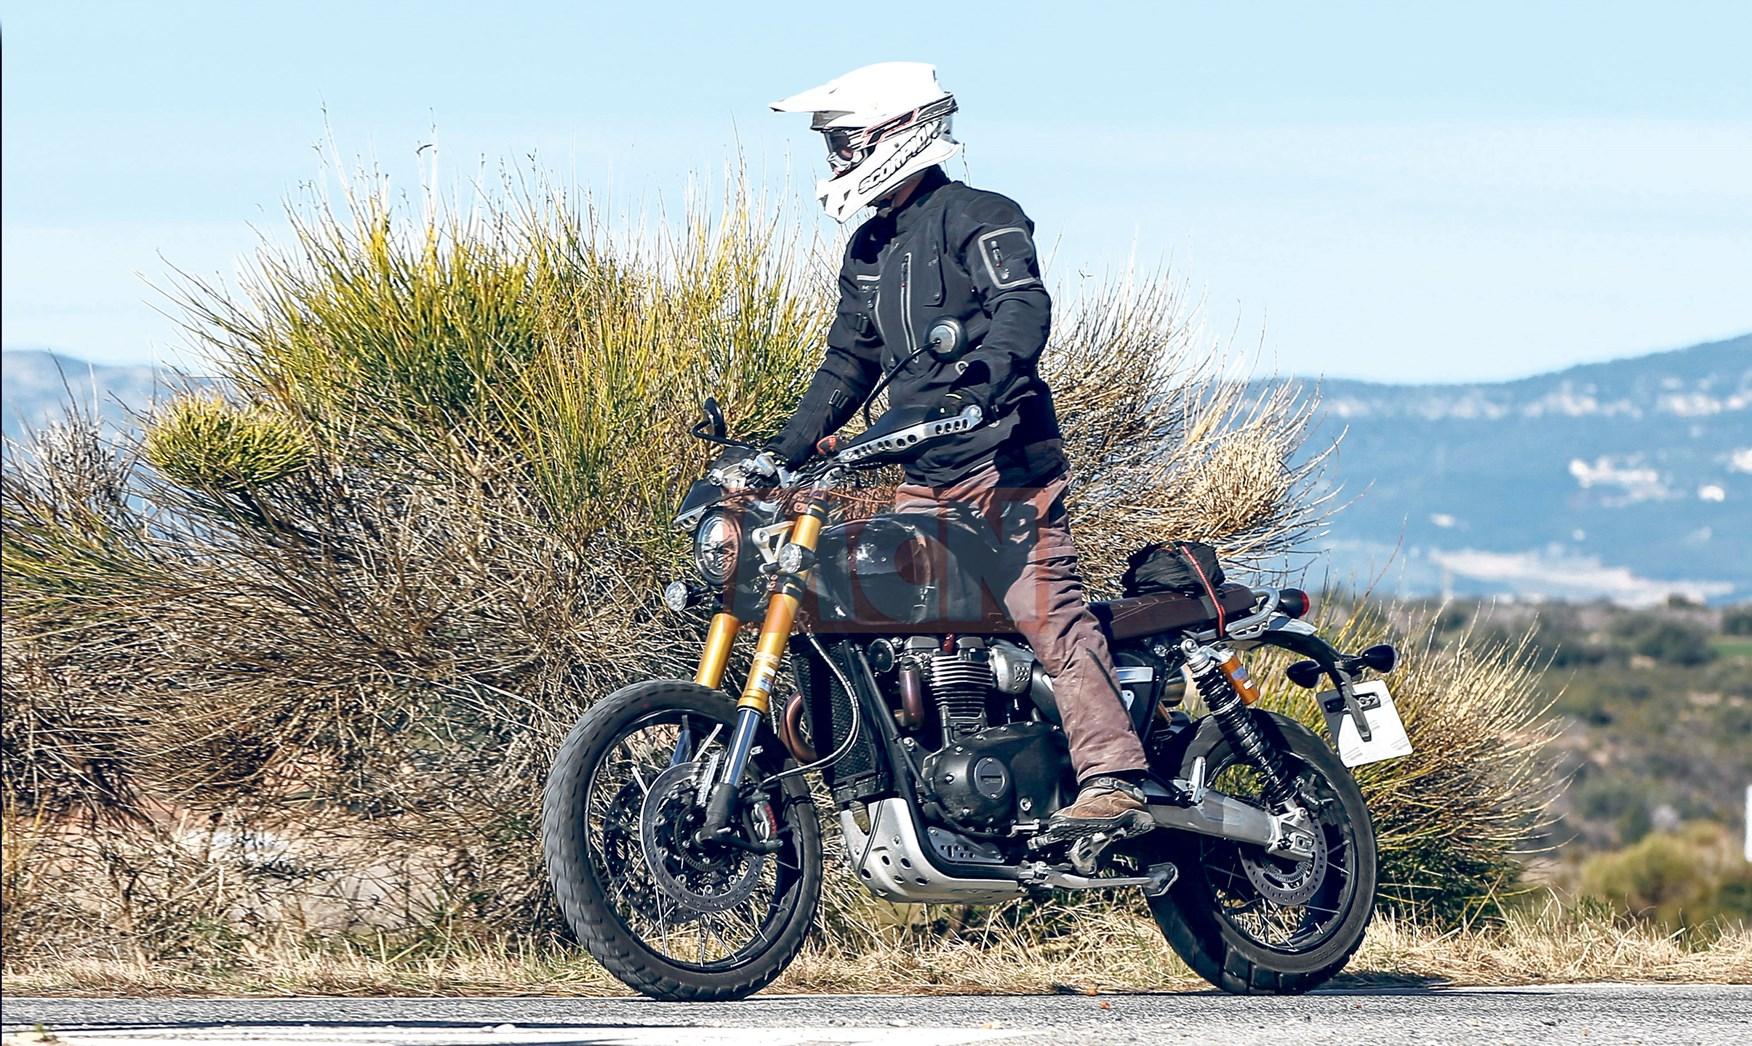 Lộ ảnh Triumph Scrambler mới 900cc 1200cc trên đường chạy thử - 3